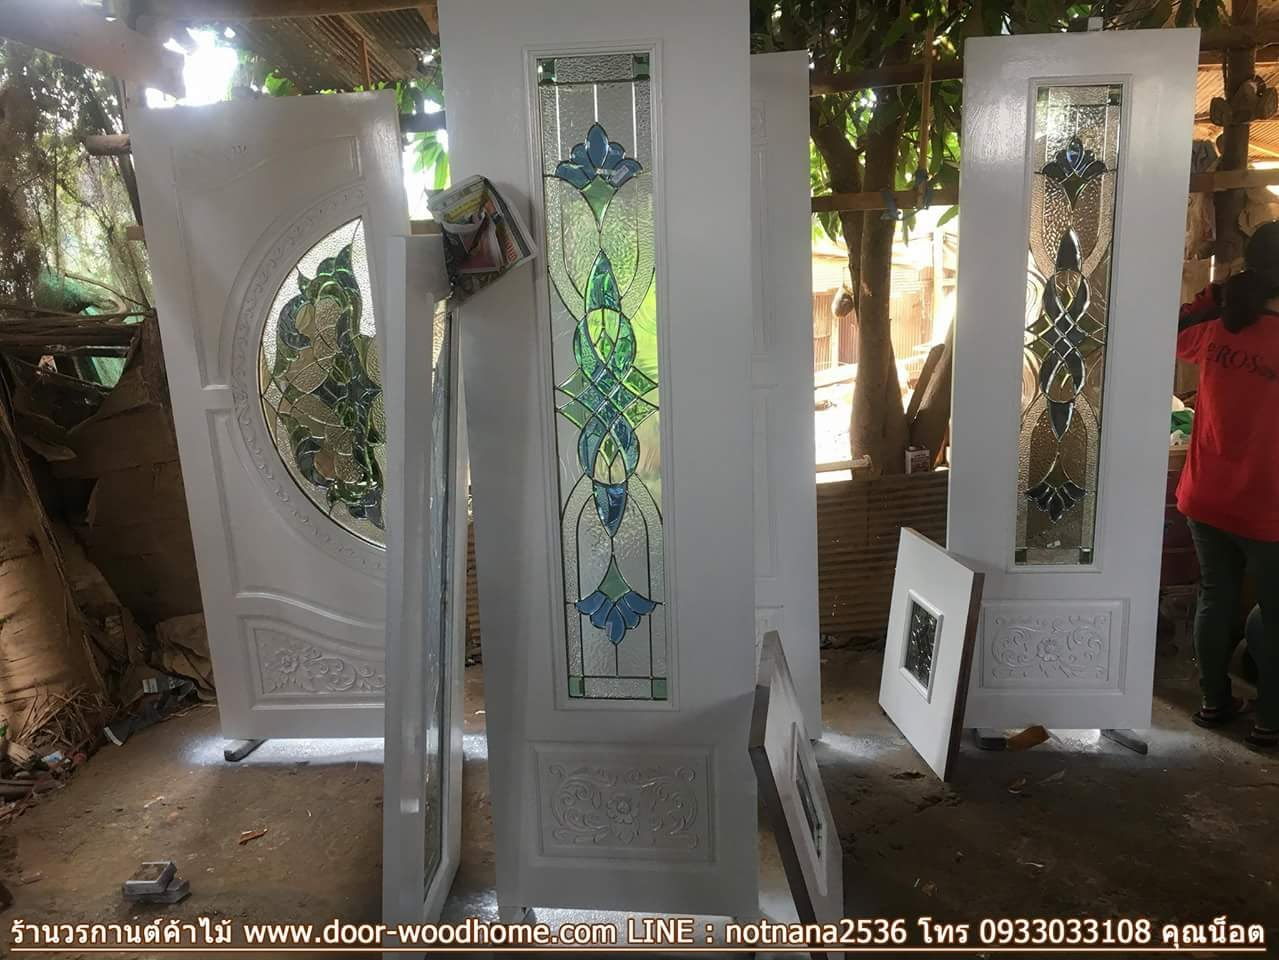 ประตูไม้สักกระจกนิรภัย สีขาว ชุด7ชิ้น เกรดA รหัส AAA69